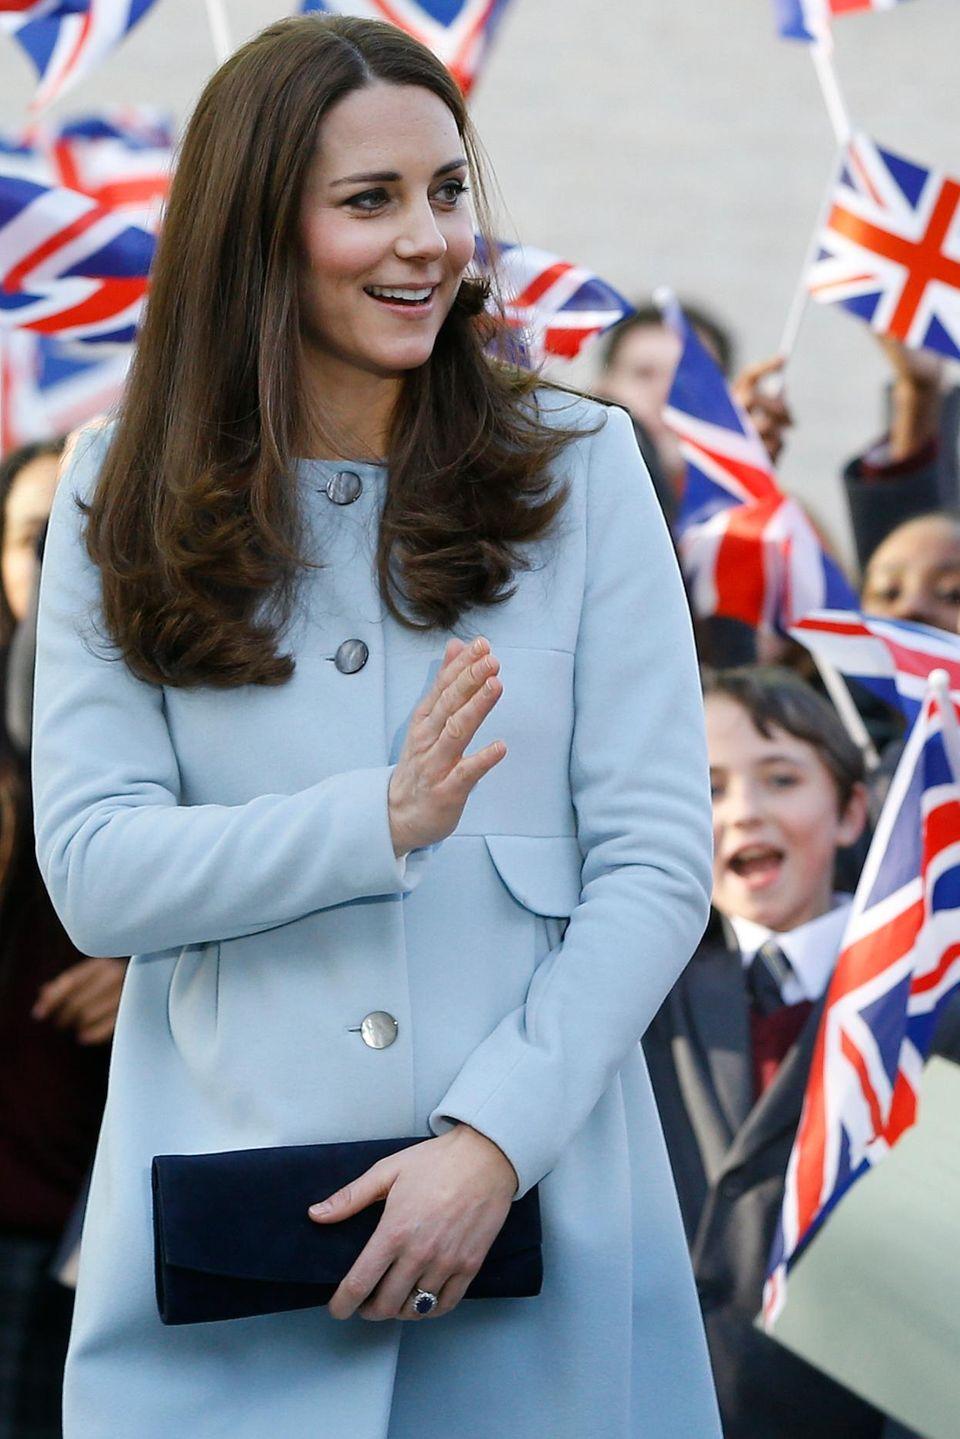 Herzogin Catherine (*1982), Prinzessin des Vereinigten Königreichs und die Ehefrau von Prinz William